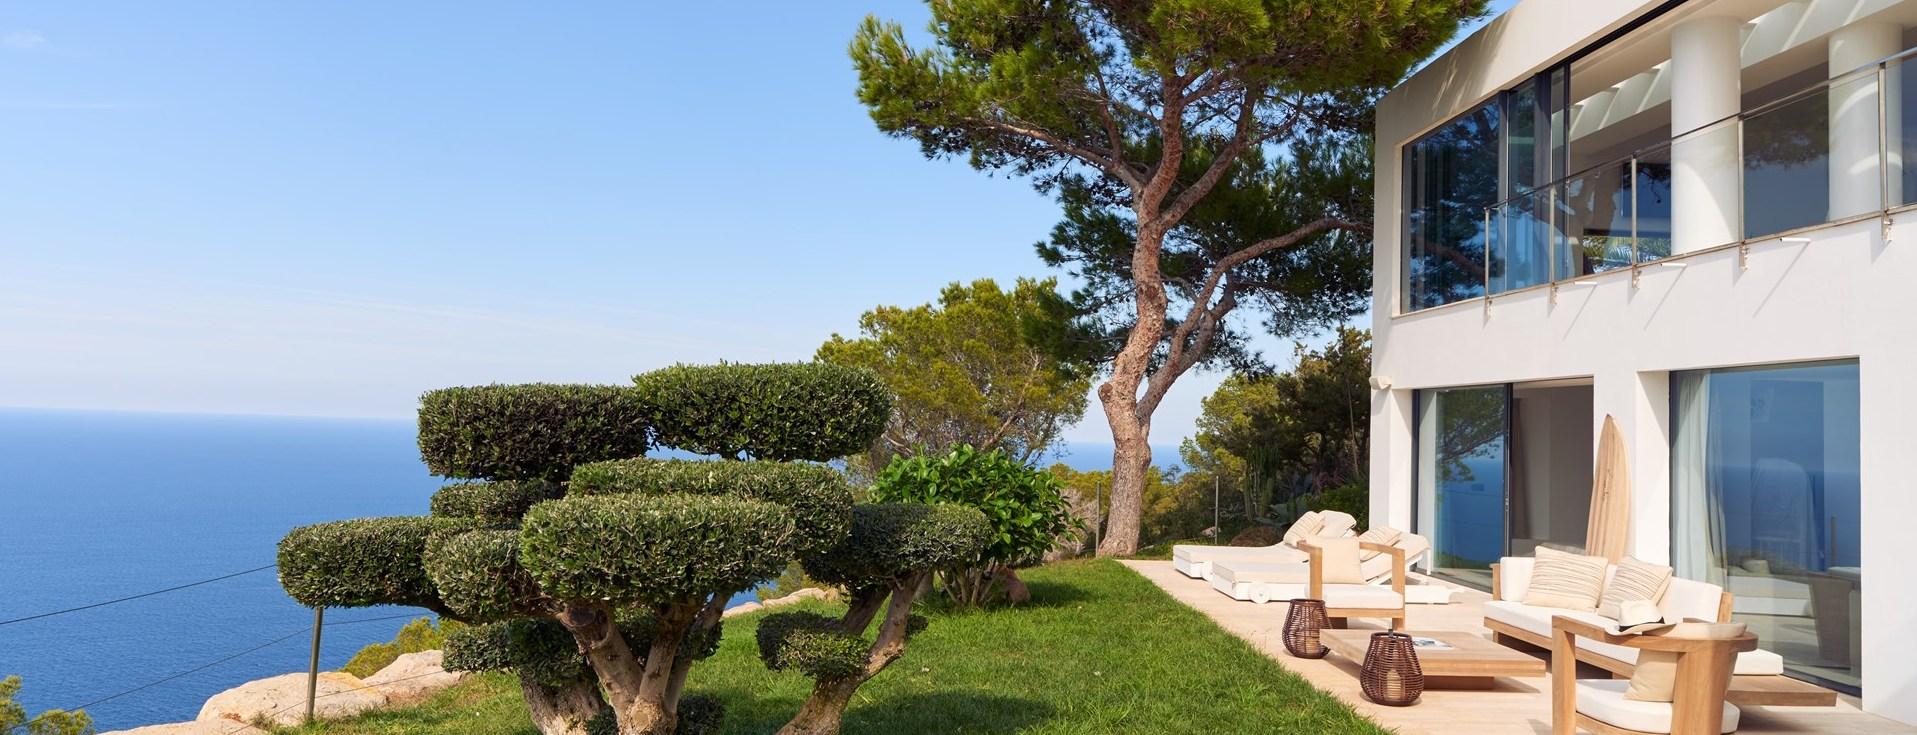 can-castello-garden-terrace